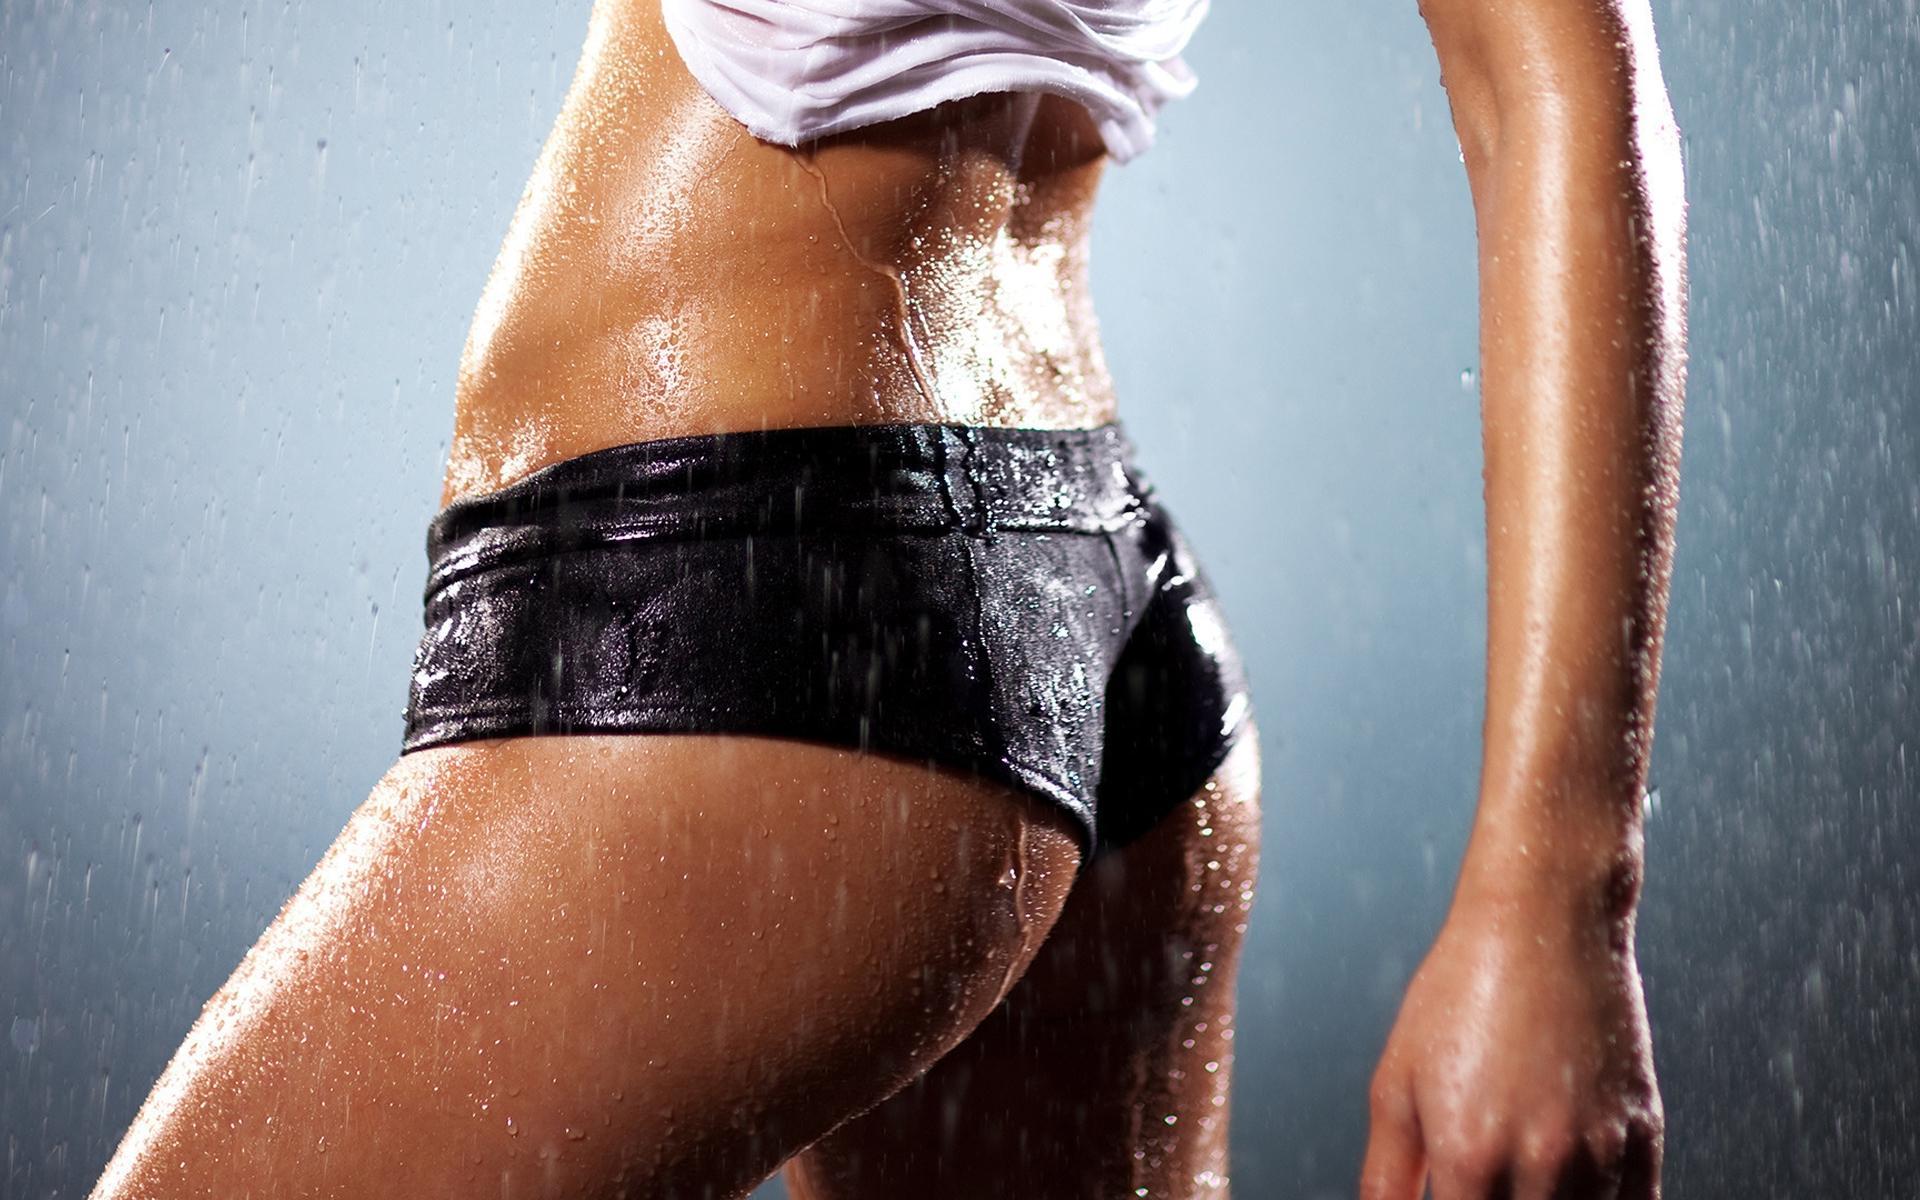 Фото девочек в мокрых трусах 5 фотография